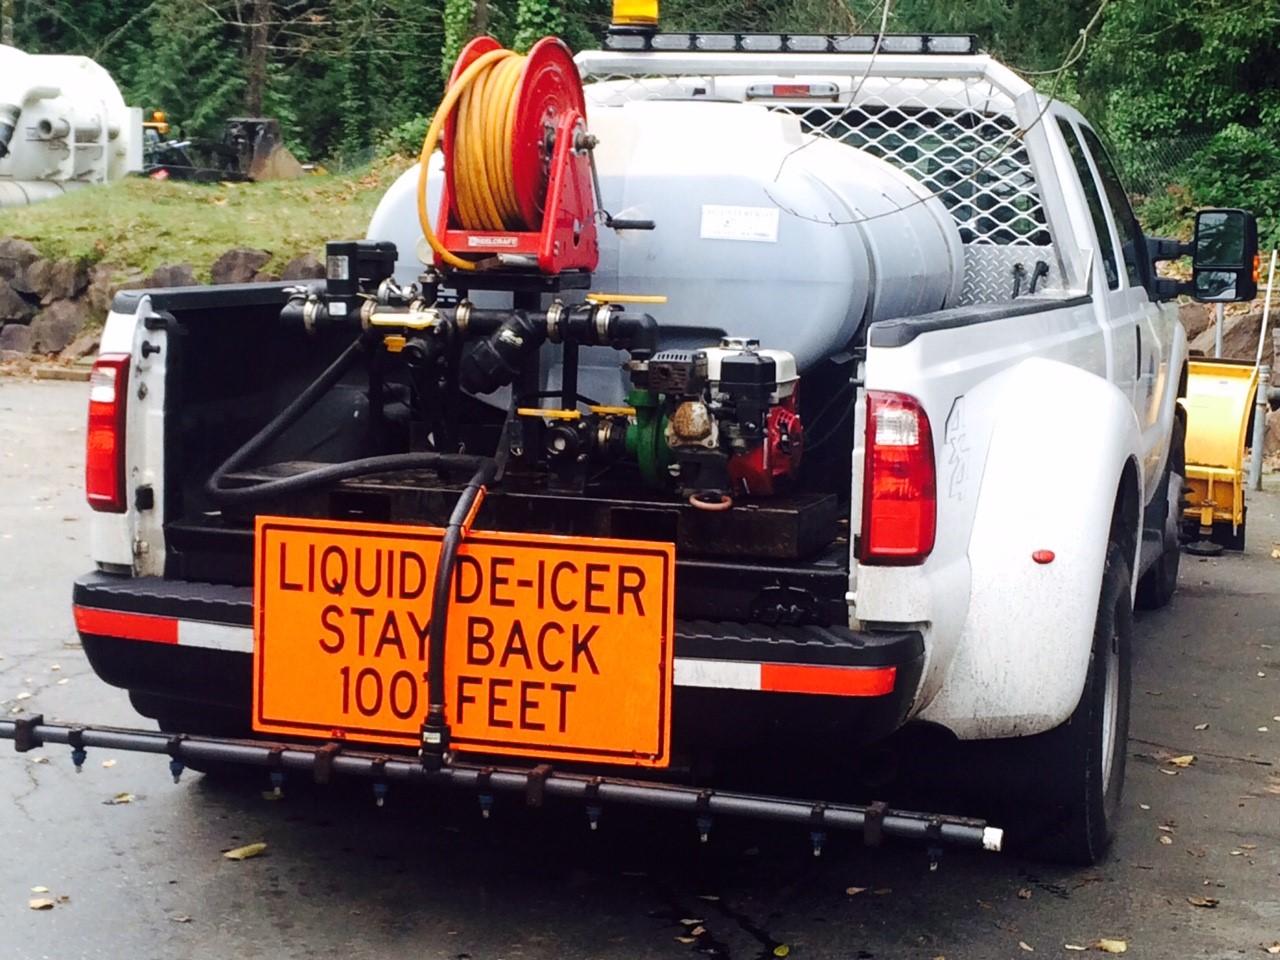 Deicer Truck